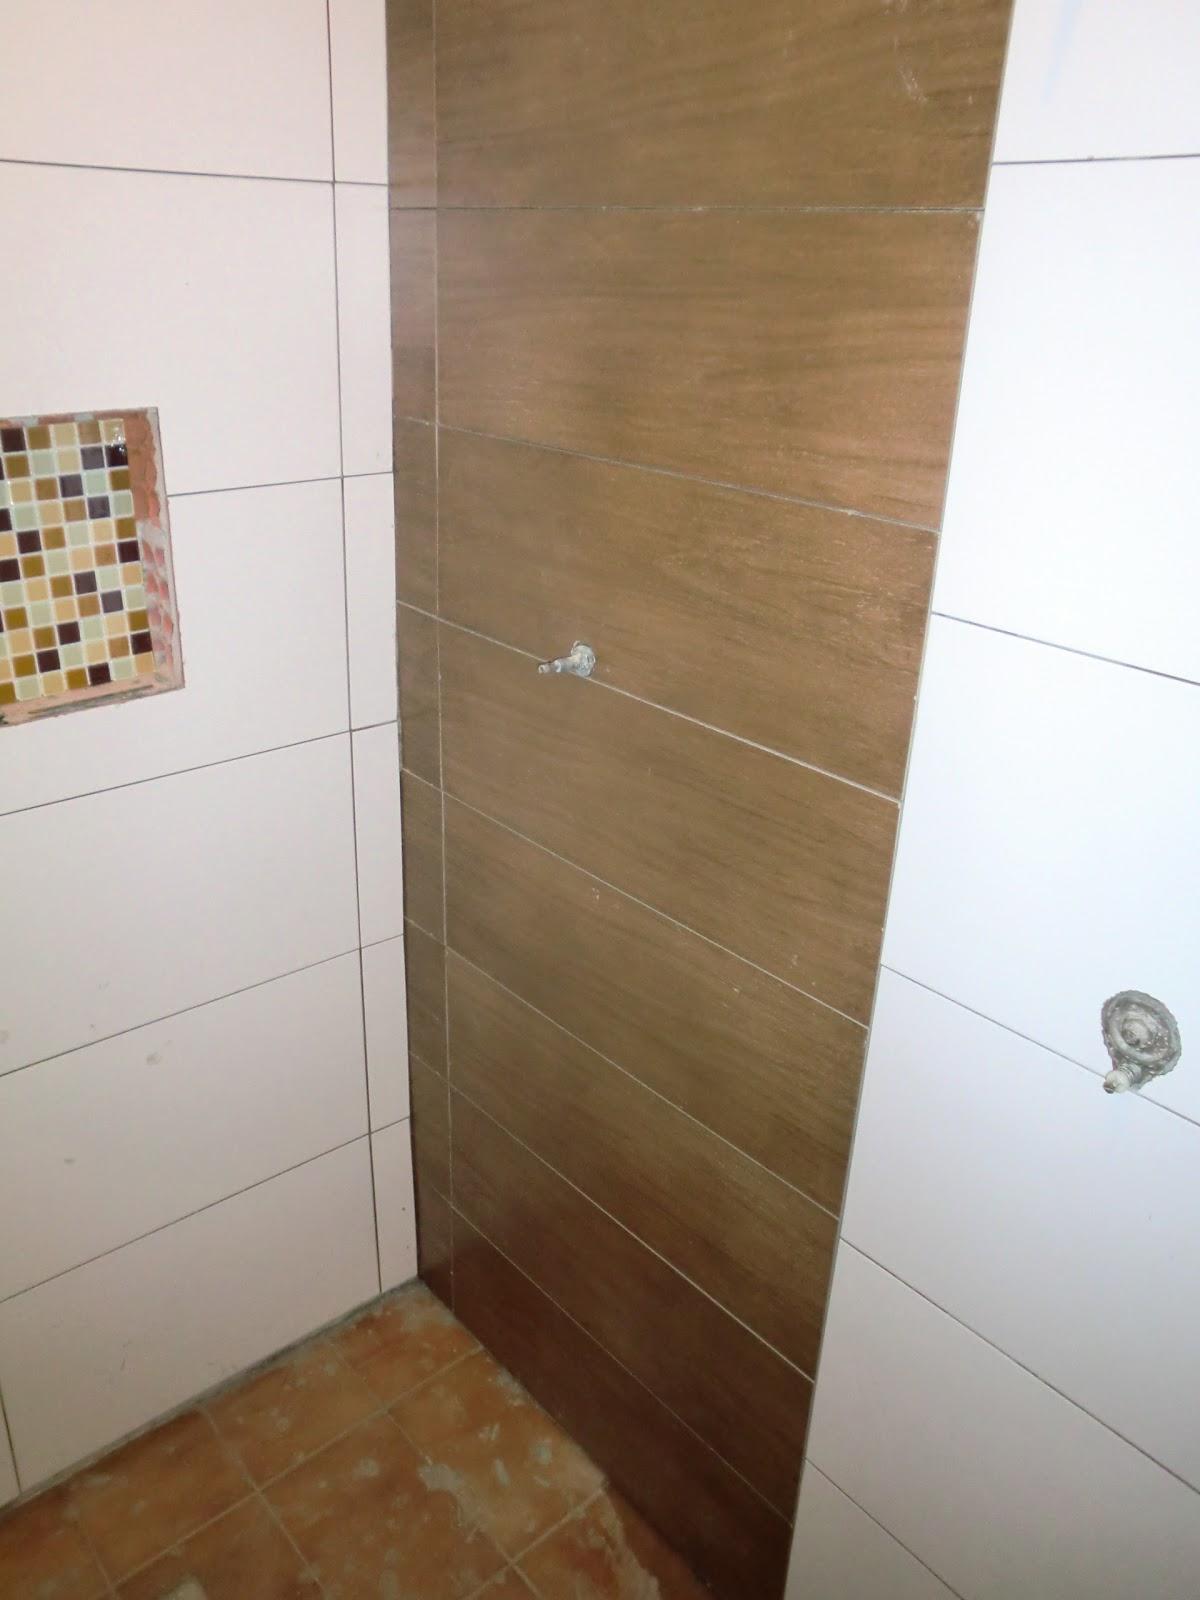 Detalhe do porcelato imitando madeira #432817 1200x1600 Banheiro Com Azulejo Que Imita Pastilha